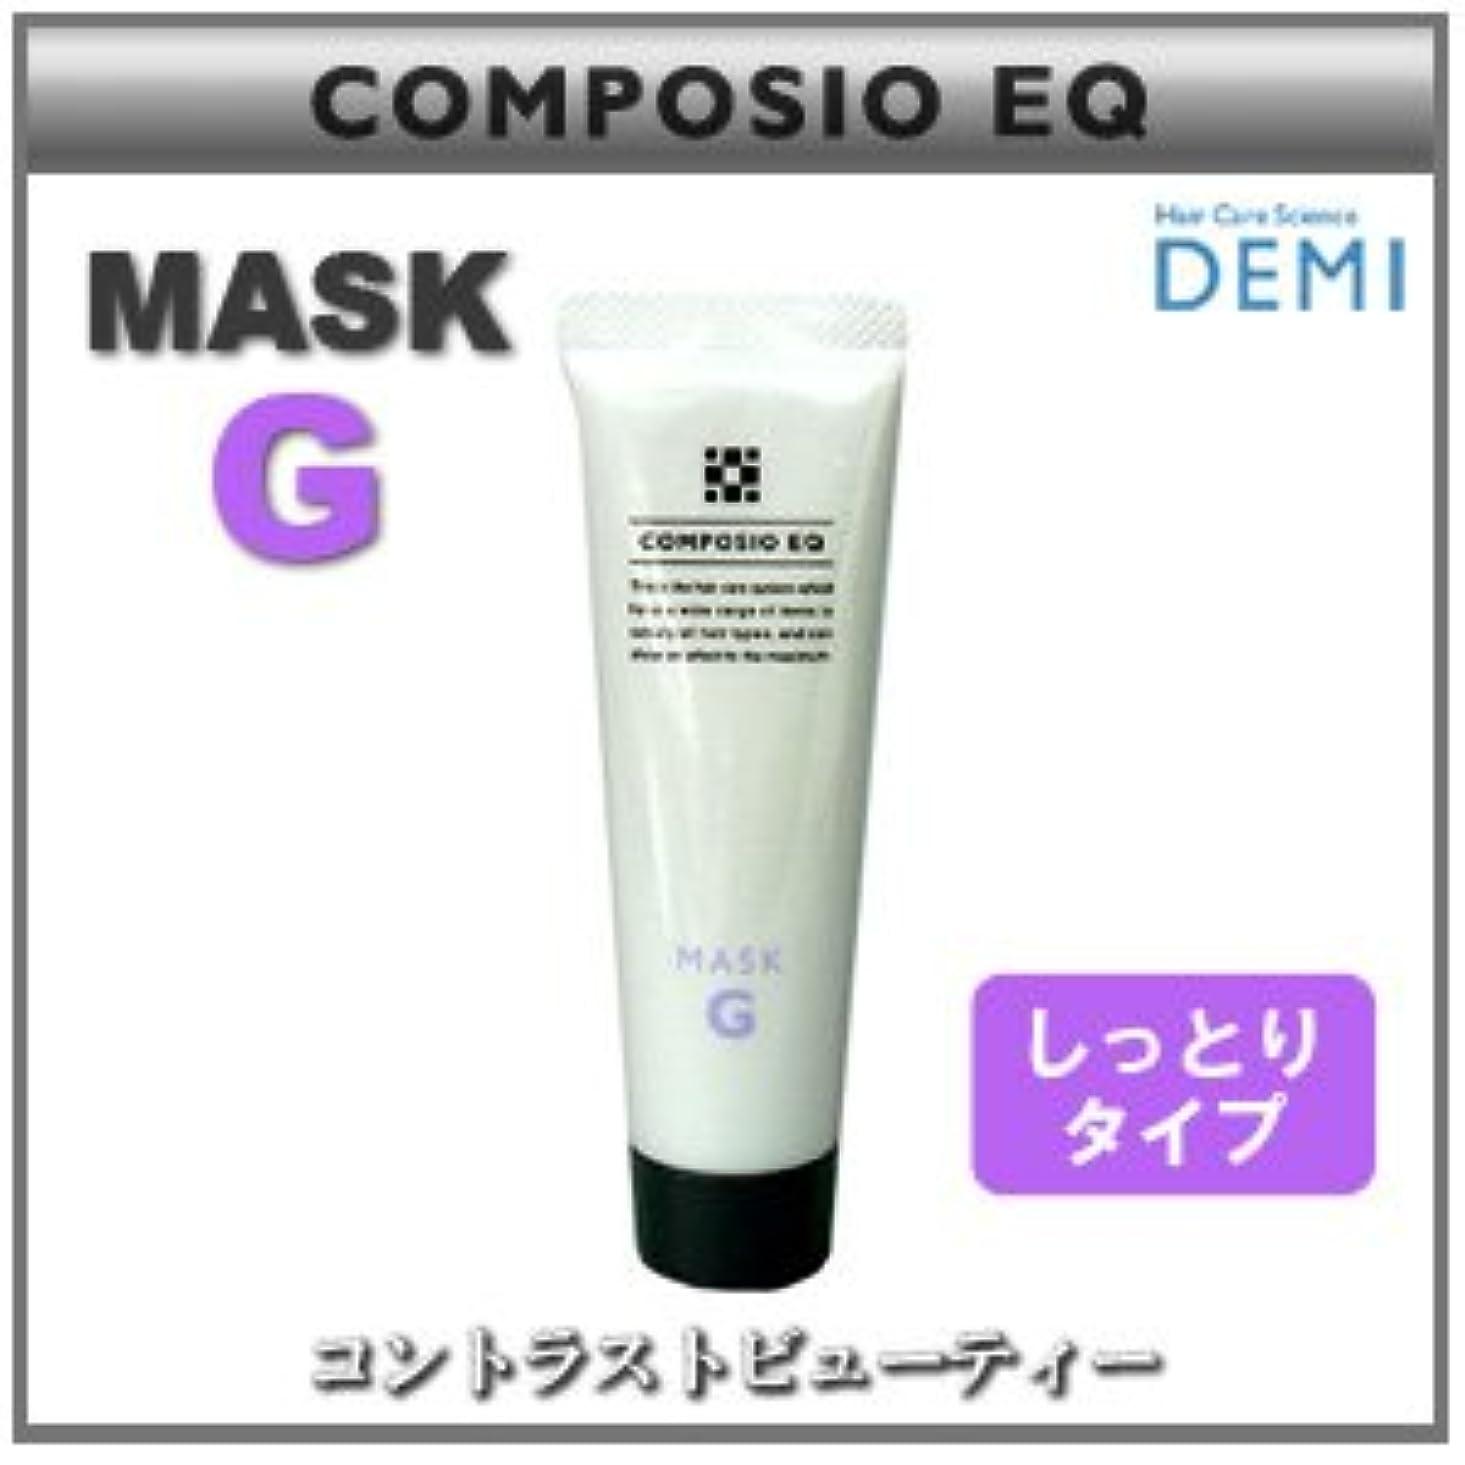 欺く散髪謎【X2個セット】 デミ コンポジオ EQ マスク G 50g